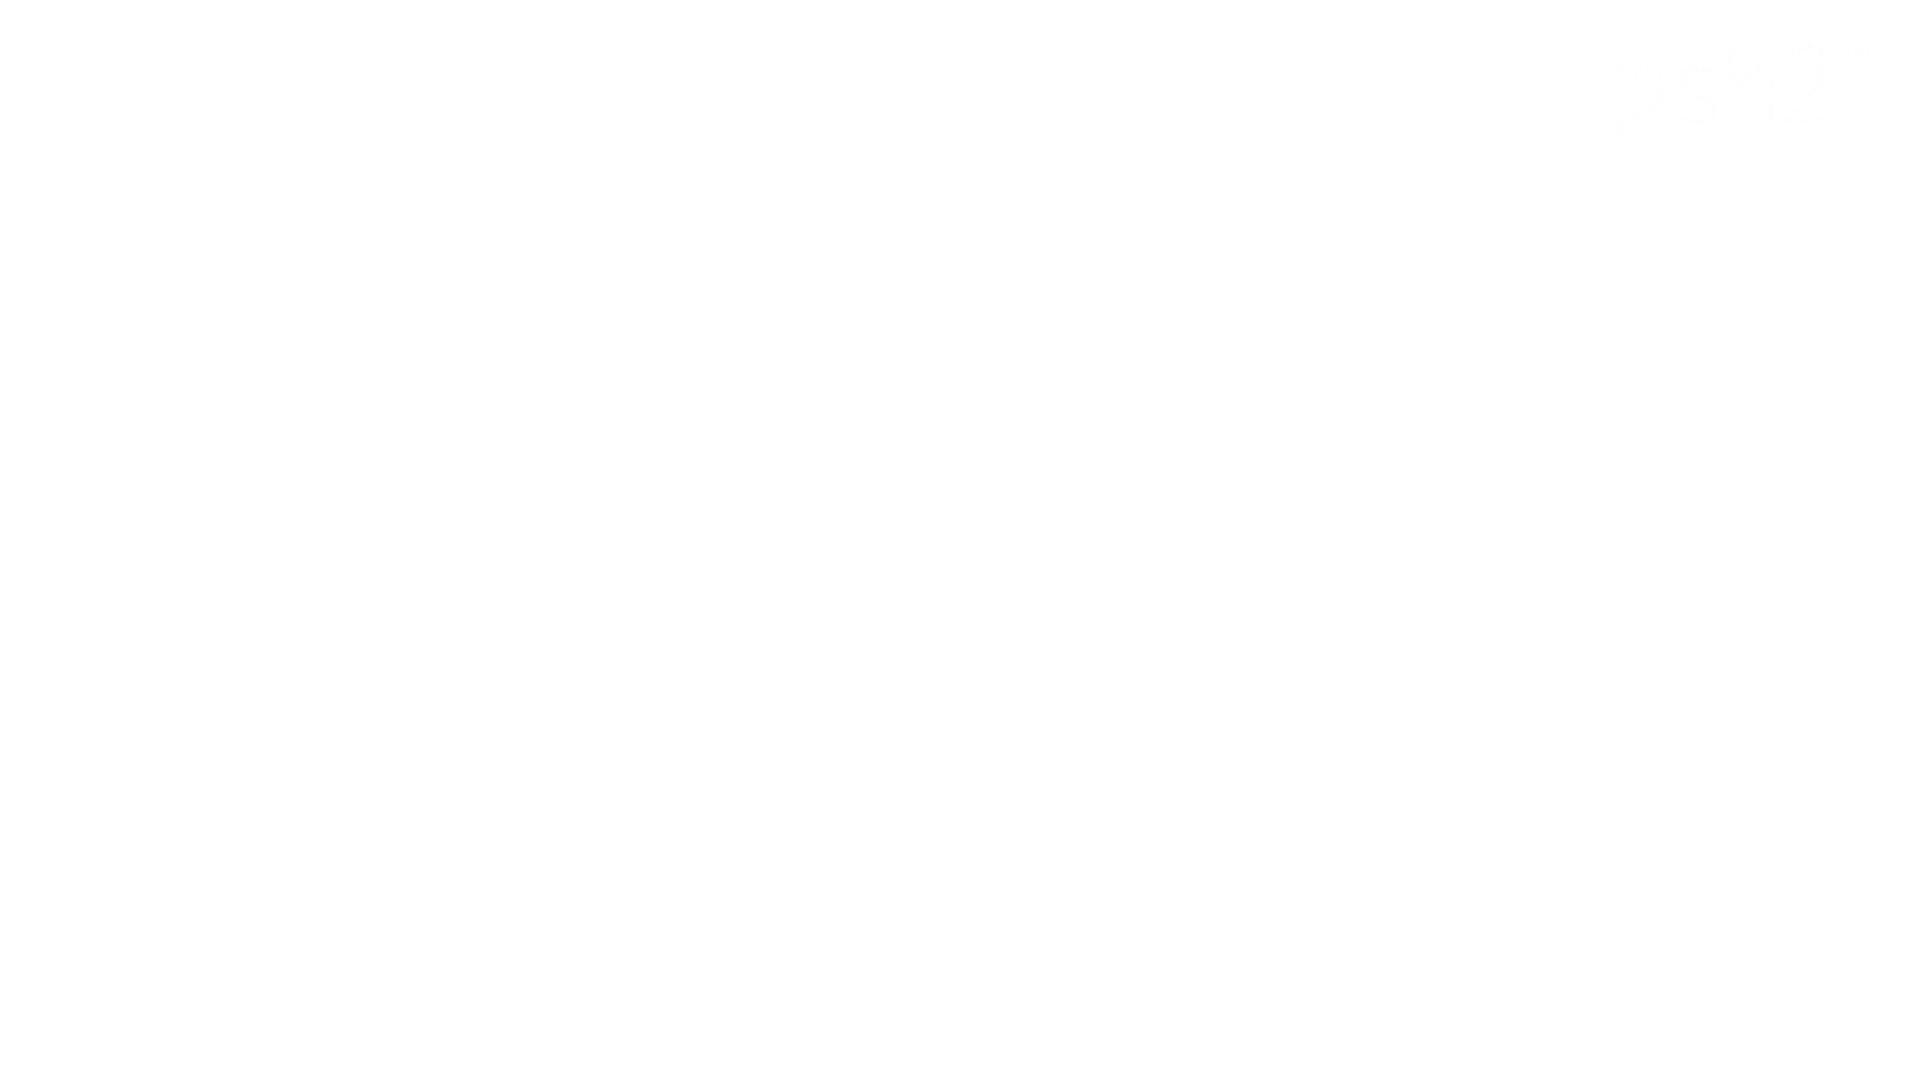 ▲復活限定▲ハイビジョン 盗神伝 Vol.21 お姉さん攻略 アダルト動画キャプチャ 60画像 32